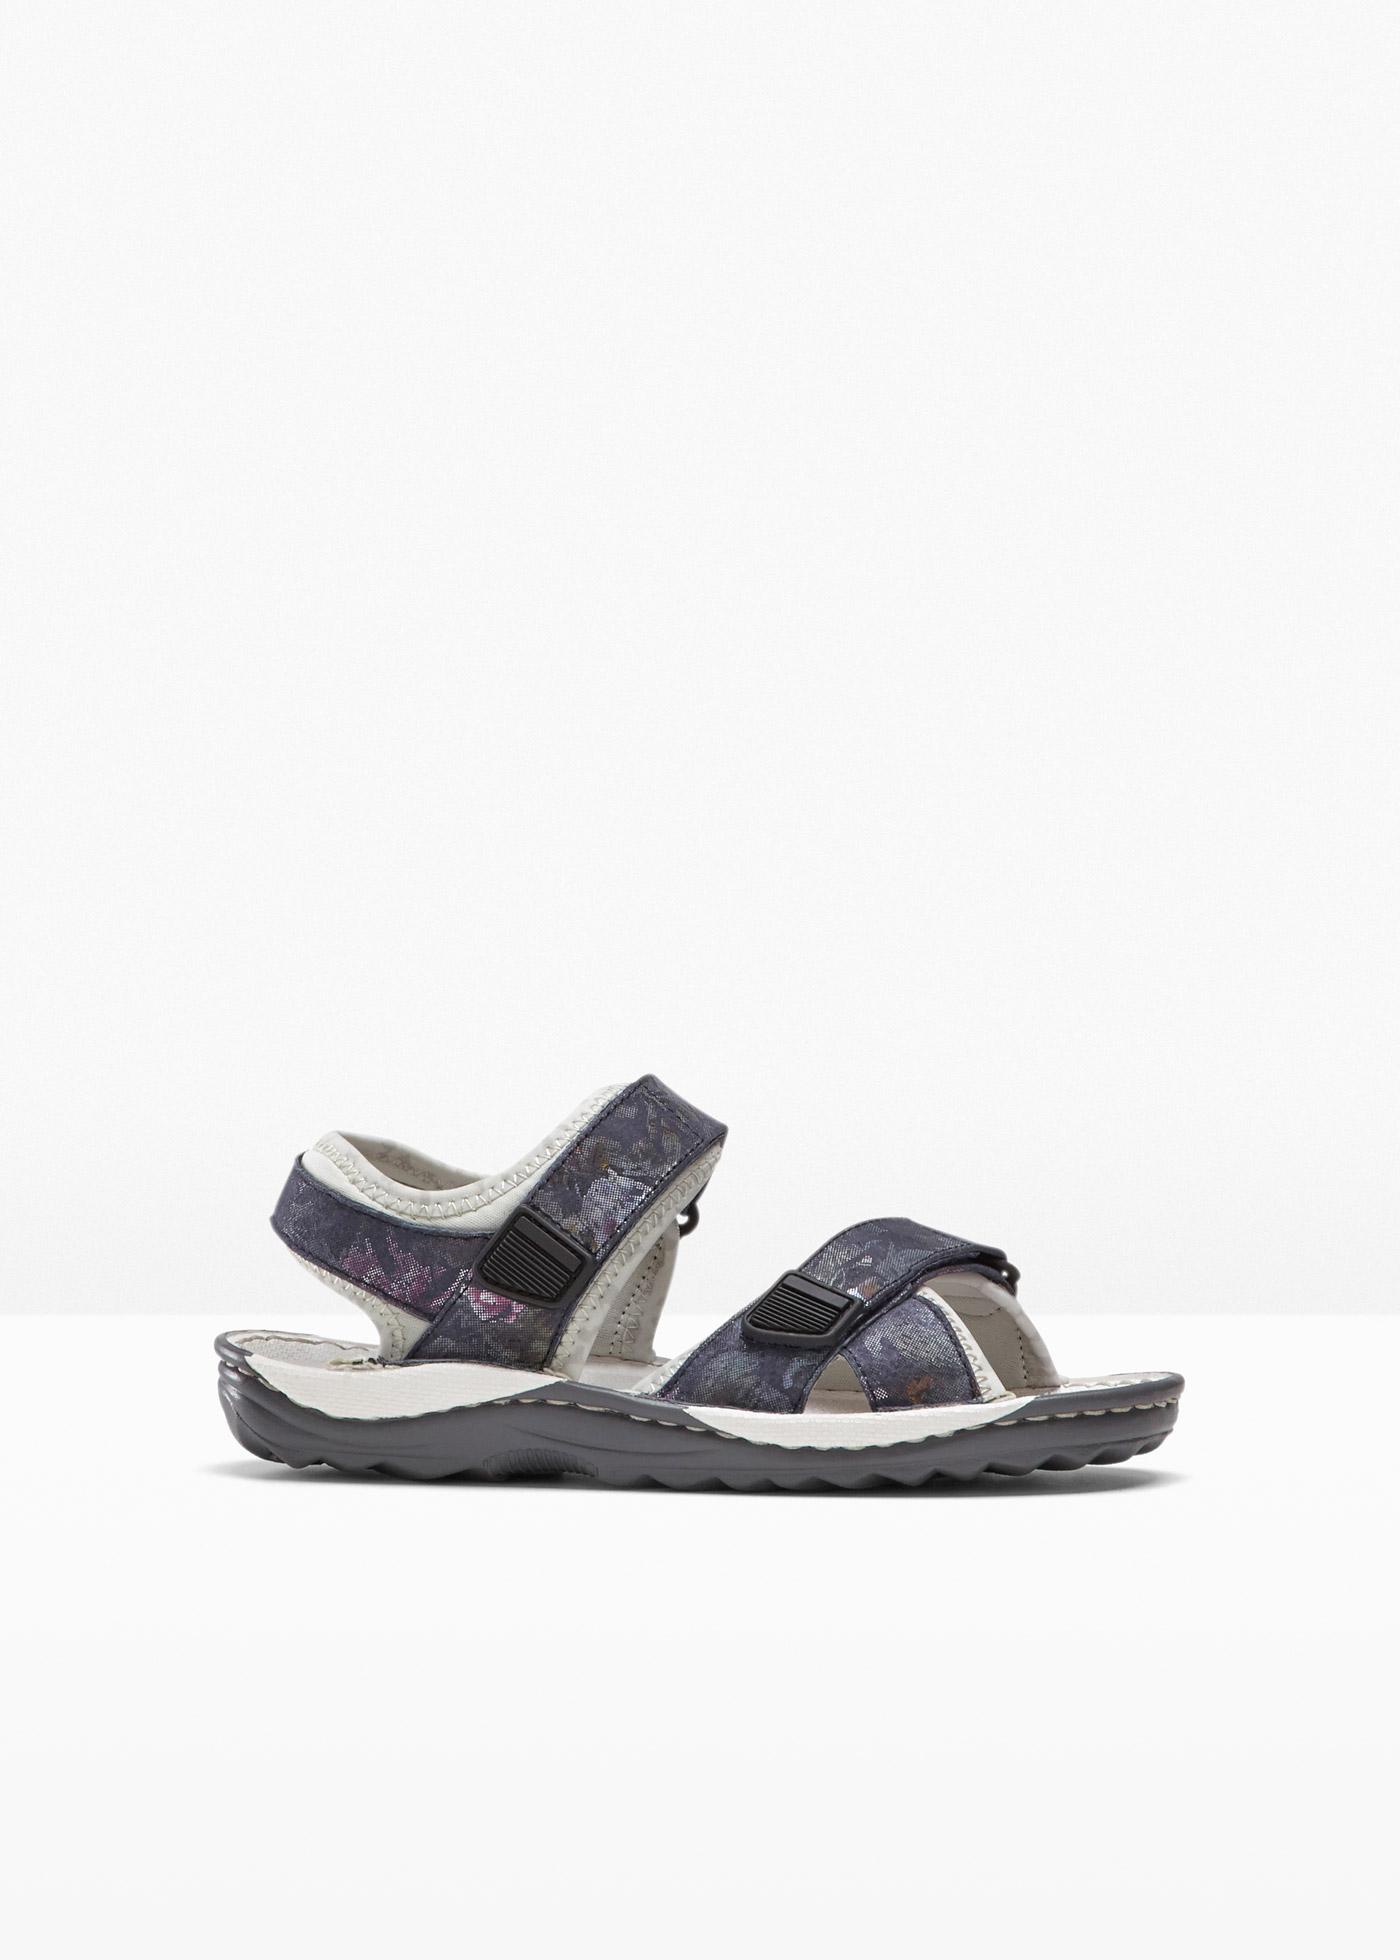 bequeme Trekking Sandale mit 0 cm Flach in blau von bonprix